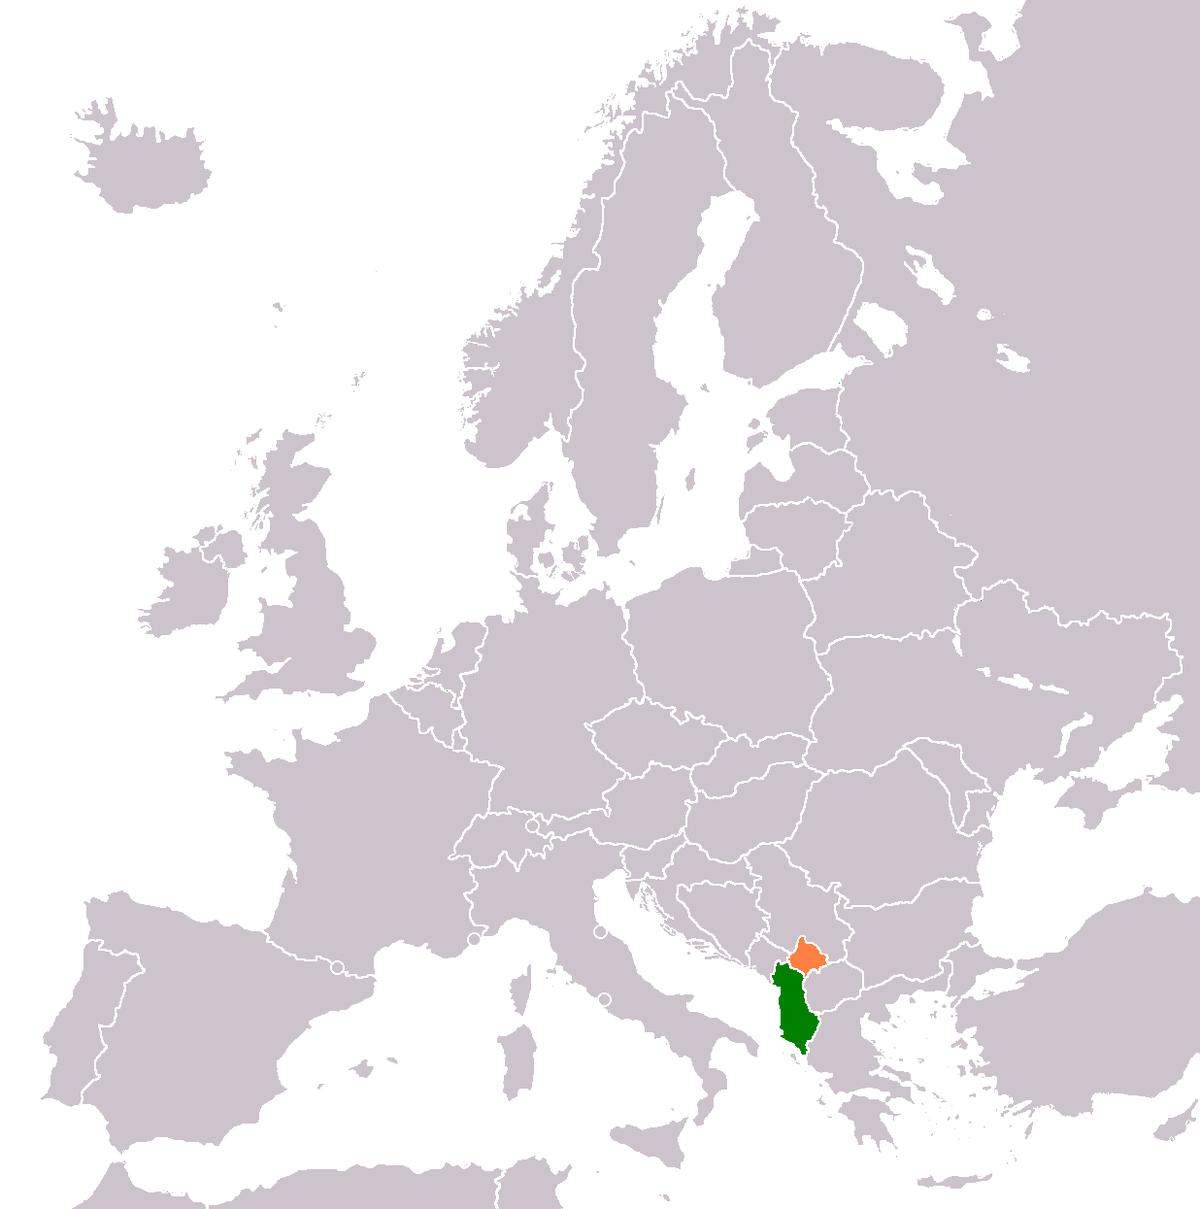 Albaniakosovo relations wikipedia gumiabroncs Gallery